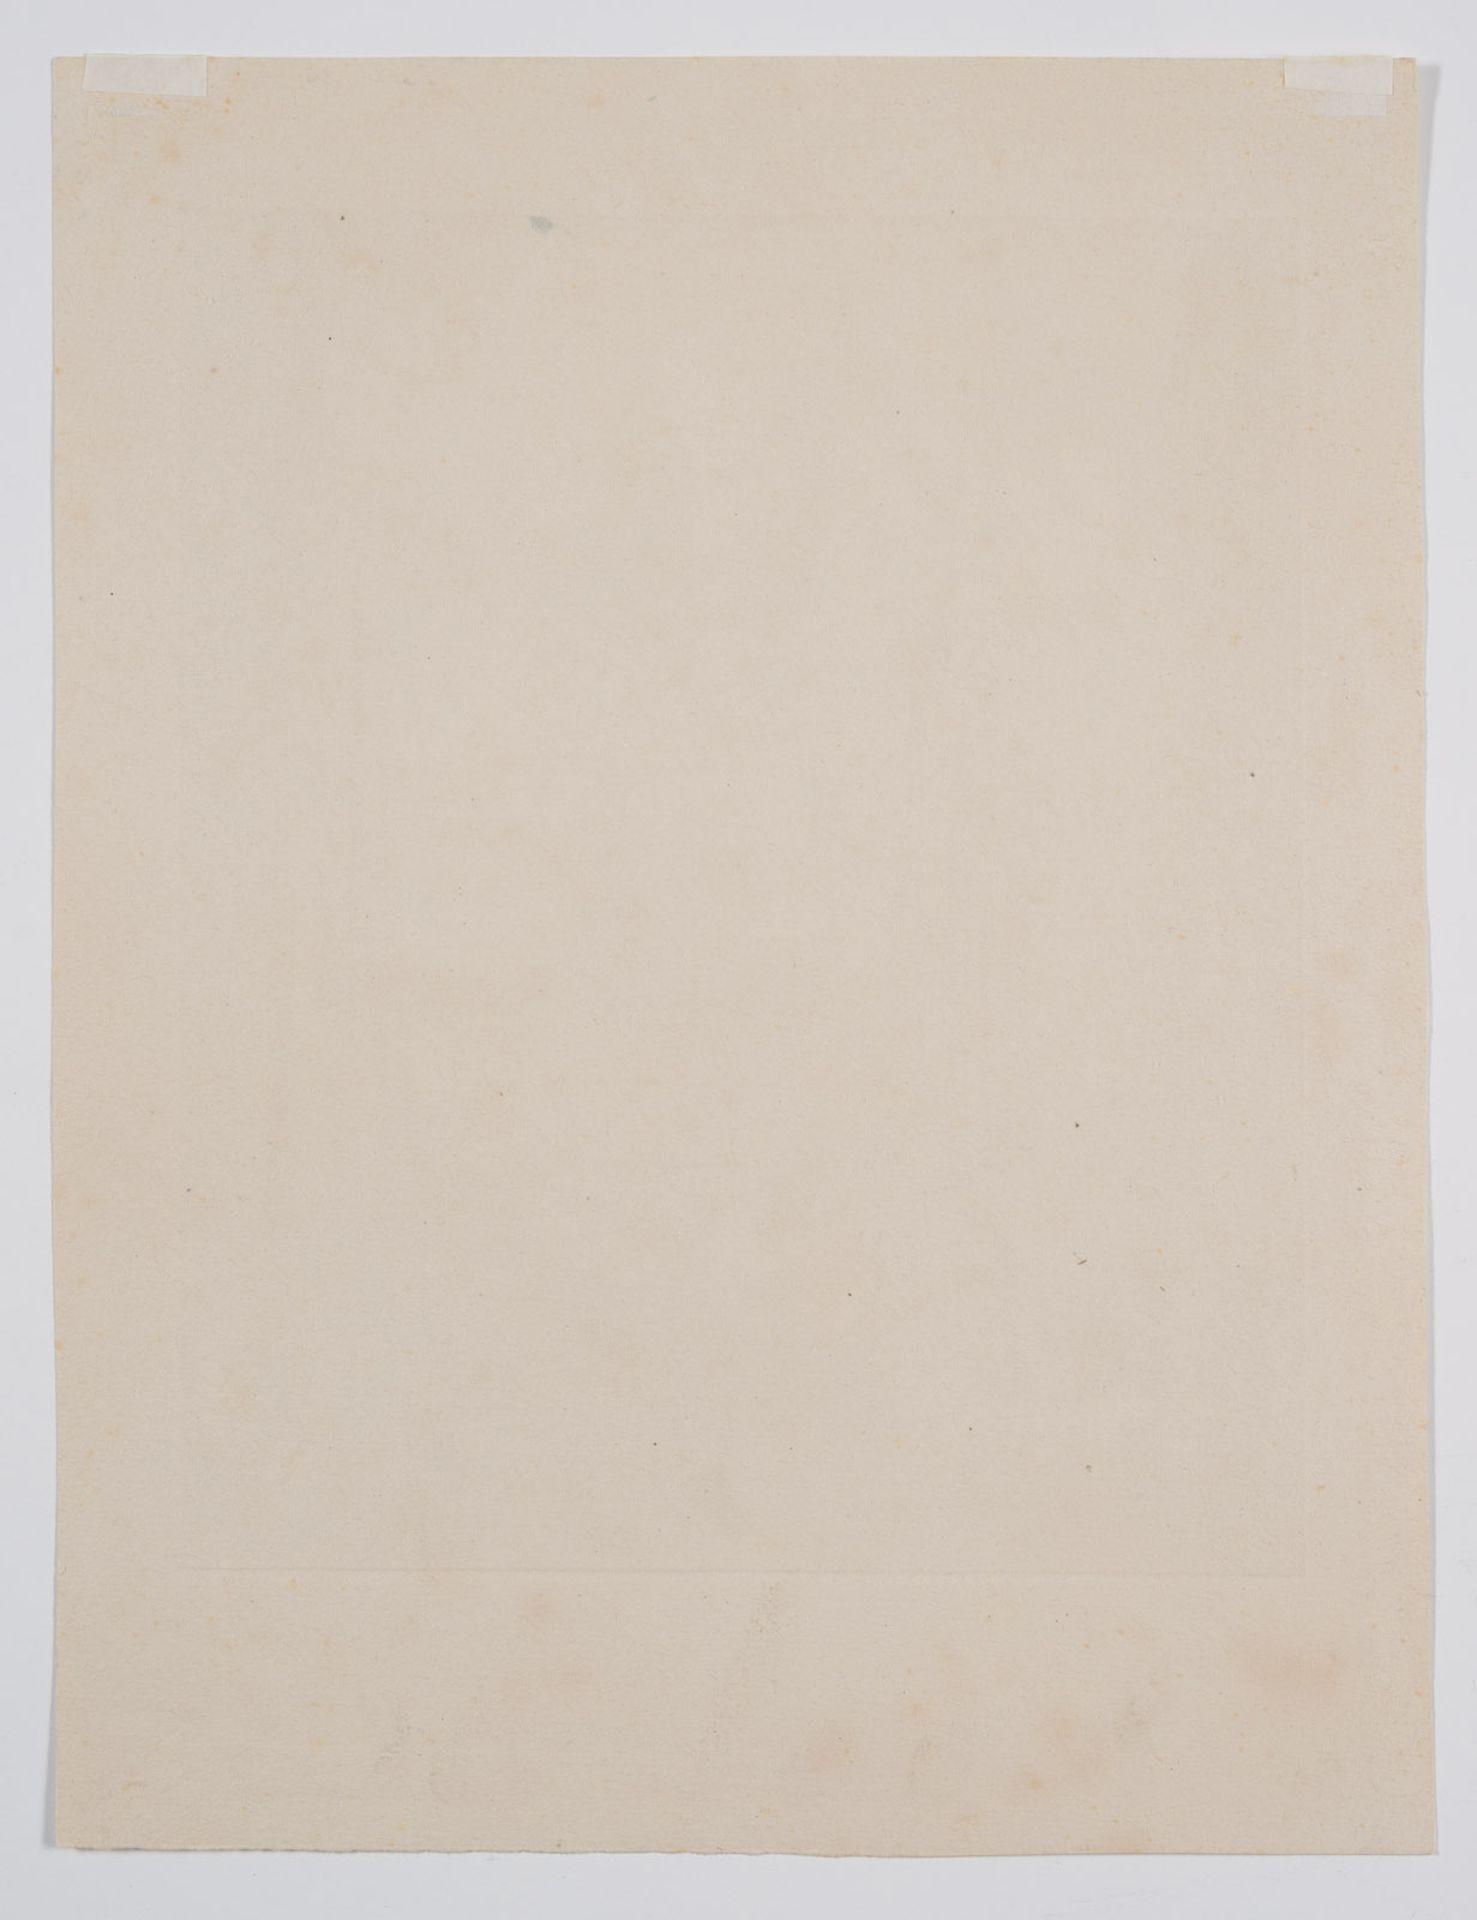 Kleinschmidt, Paul - Image 2 of 4